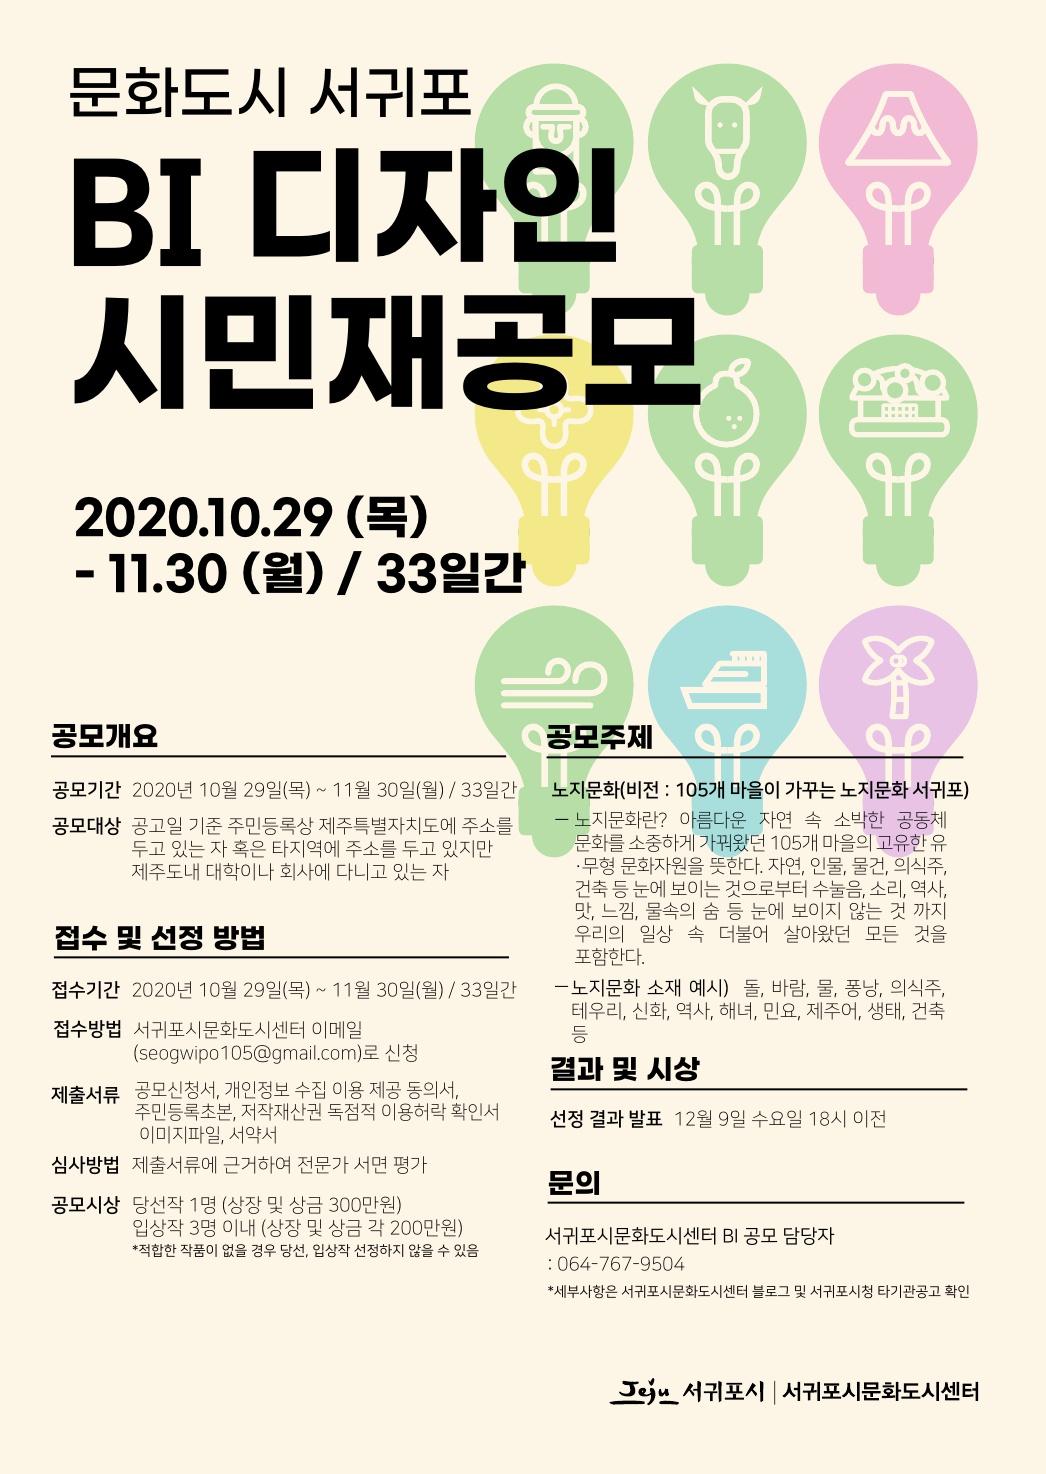 ]문화도시 서귀포 BI 디자인 시민 재공모